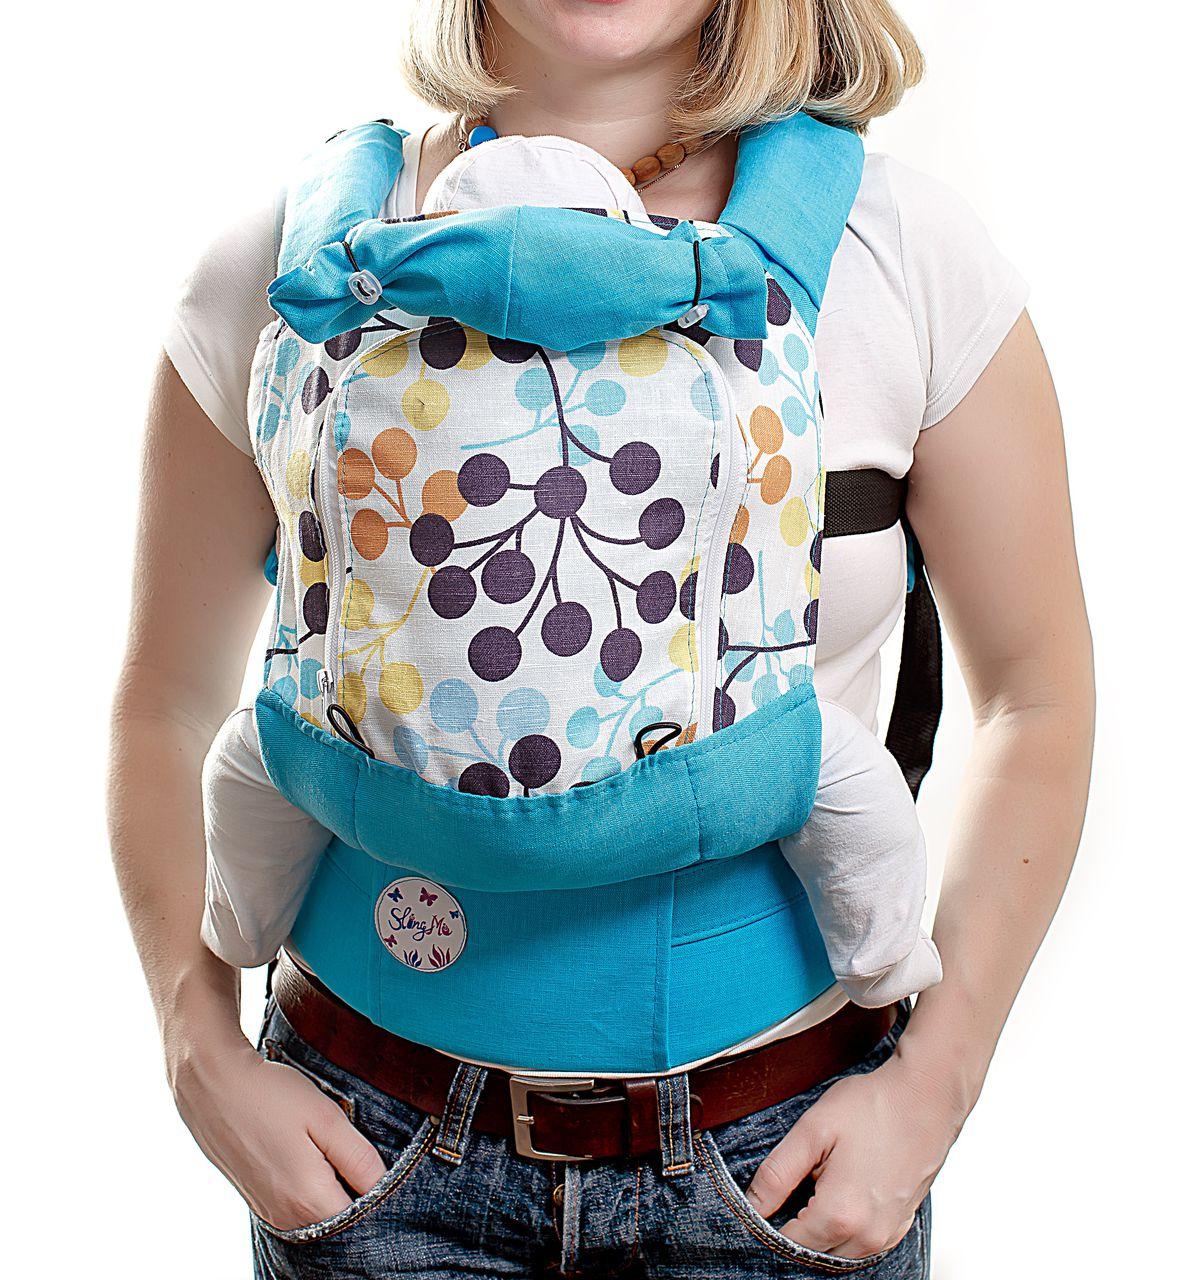 Купить Эргономичный рюкзак SlingMe Калина AIR, Рюкзак-кенгуру